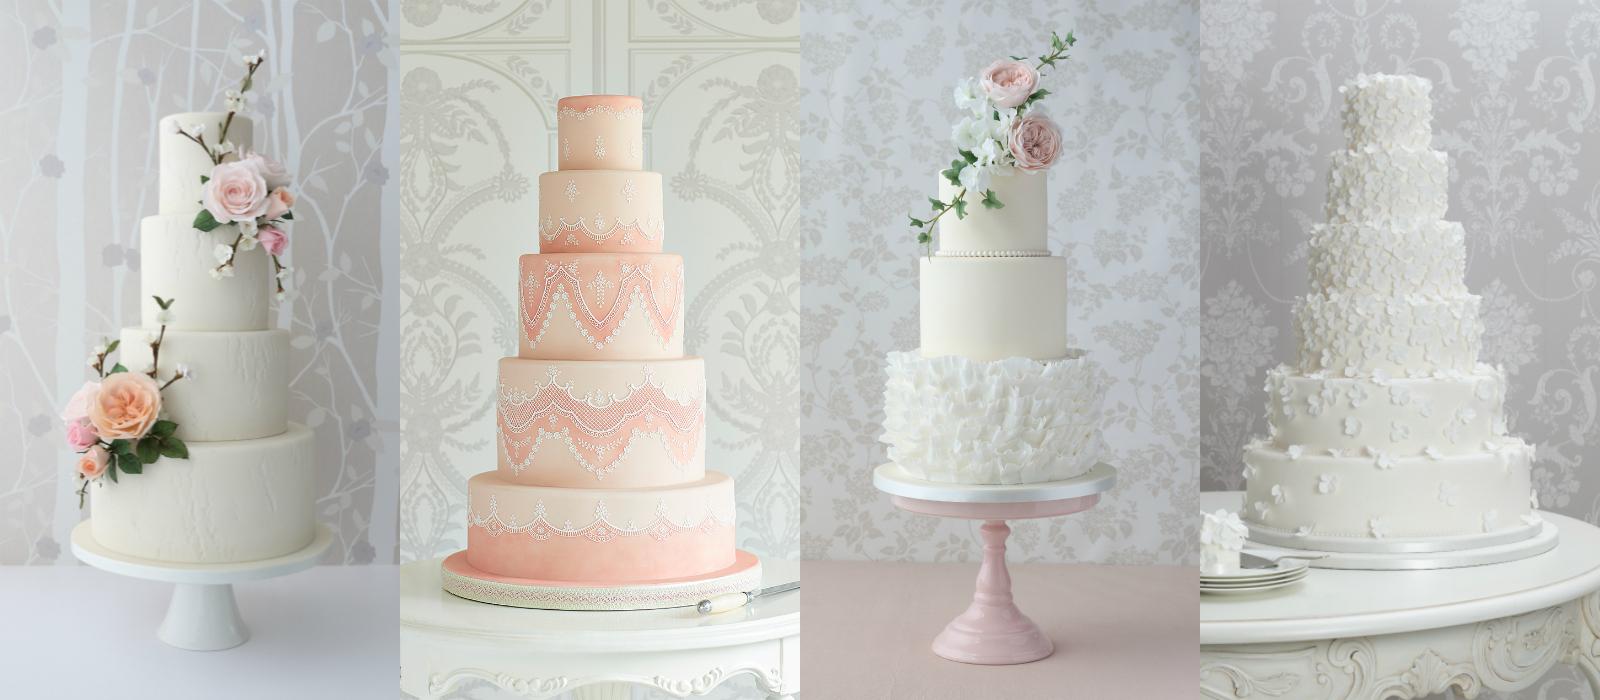 Wedding Cakes Sunshine Coast Noosa